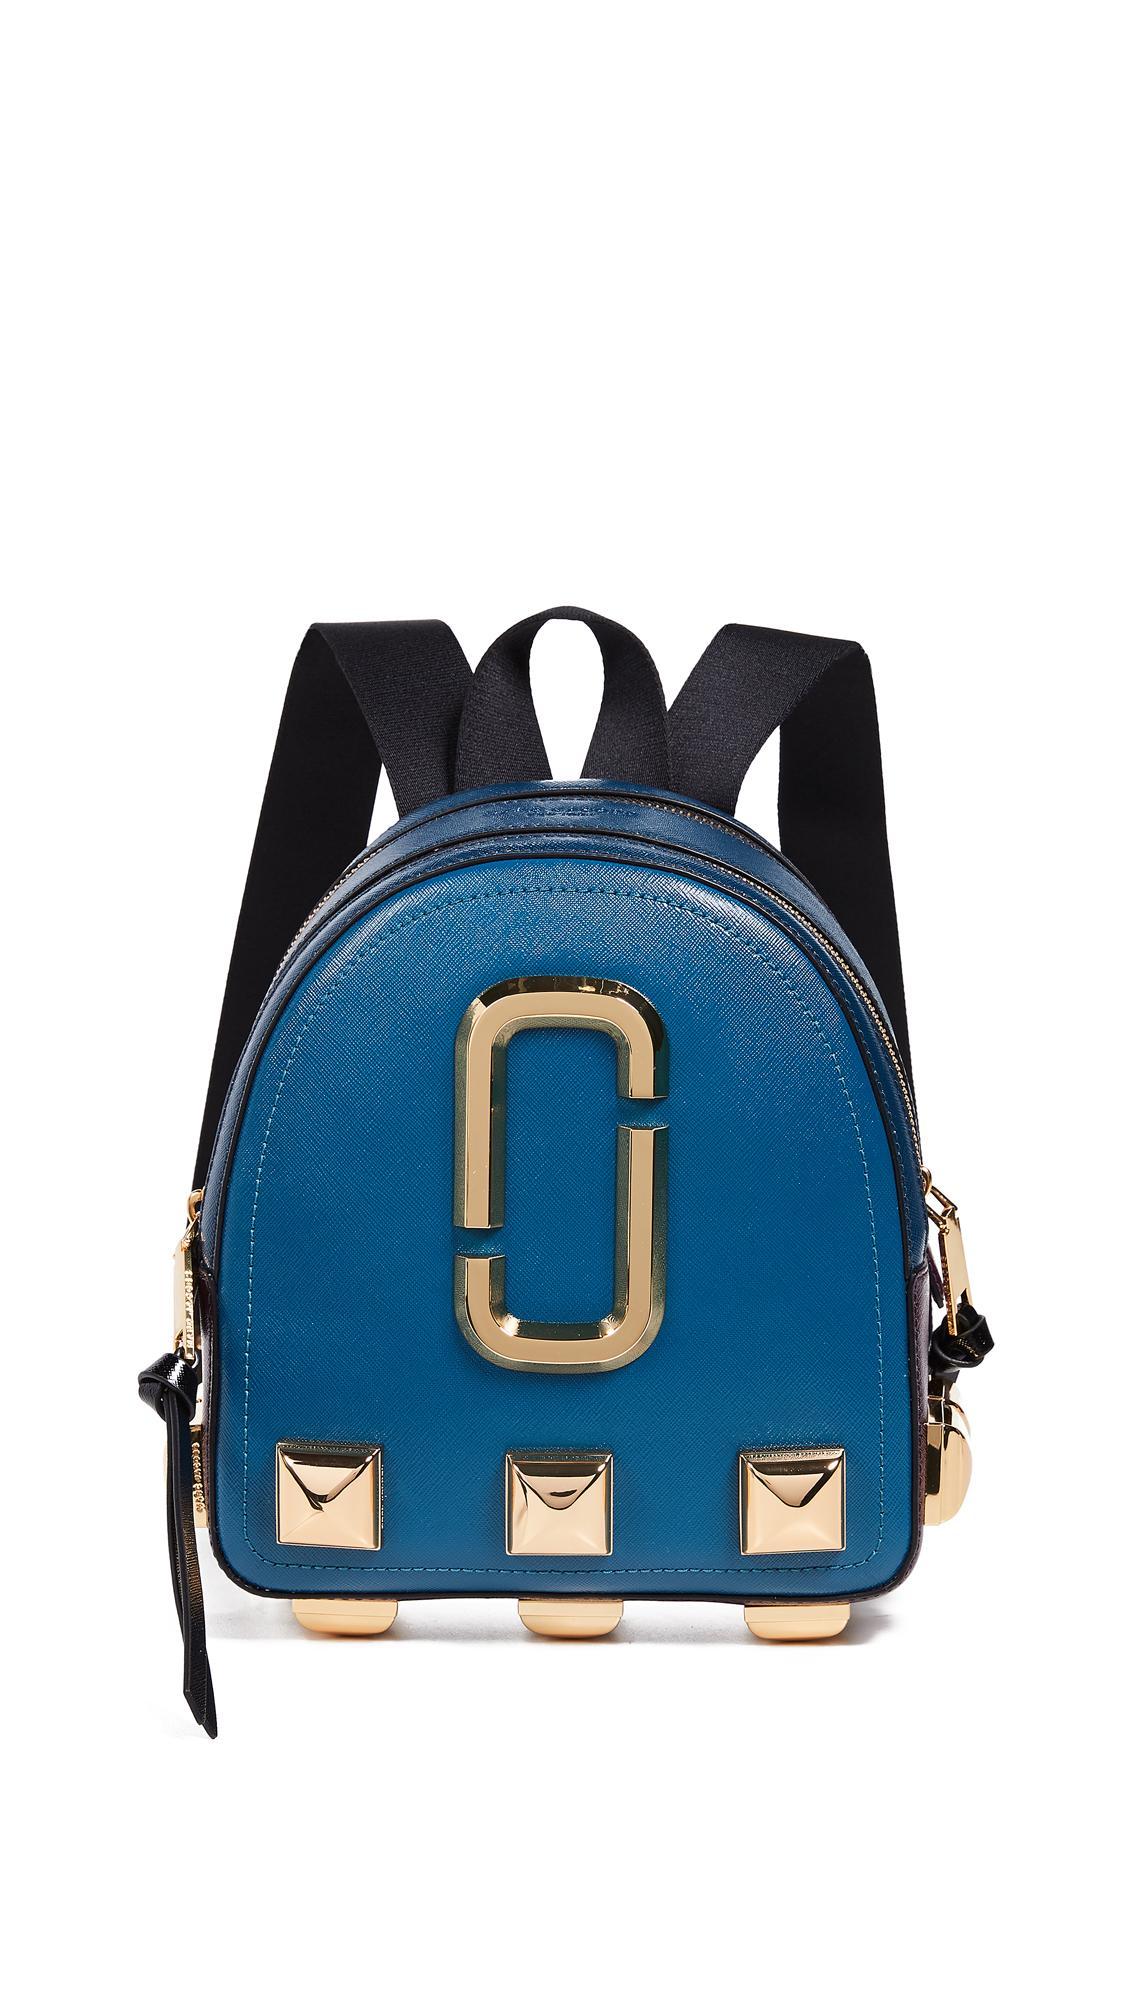 Marc Jacobs Packshot Studs Backpack In Teal Multi